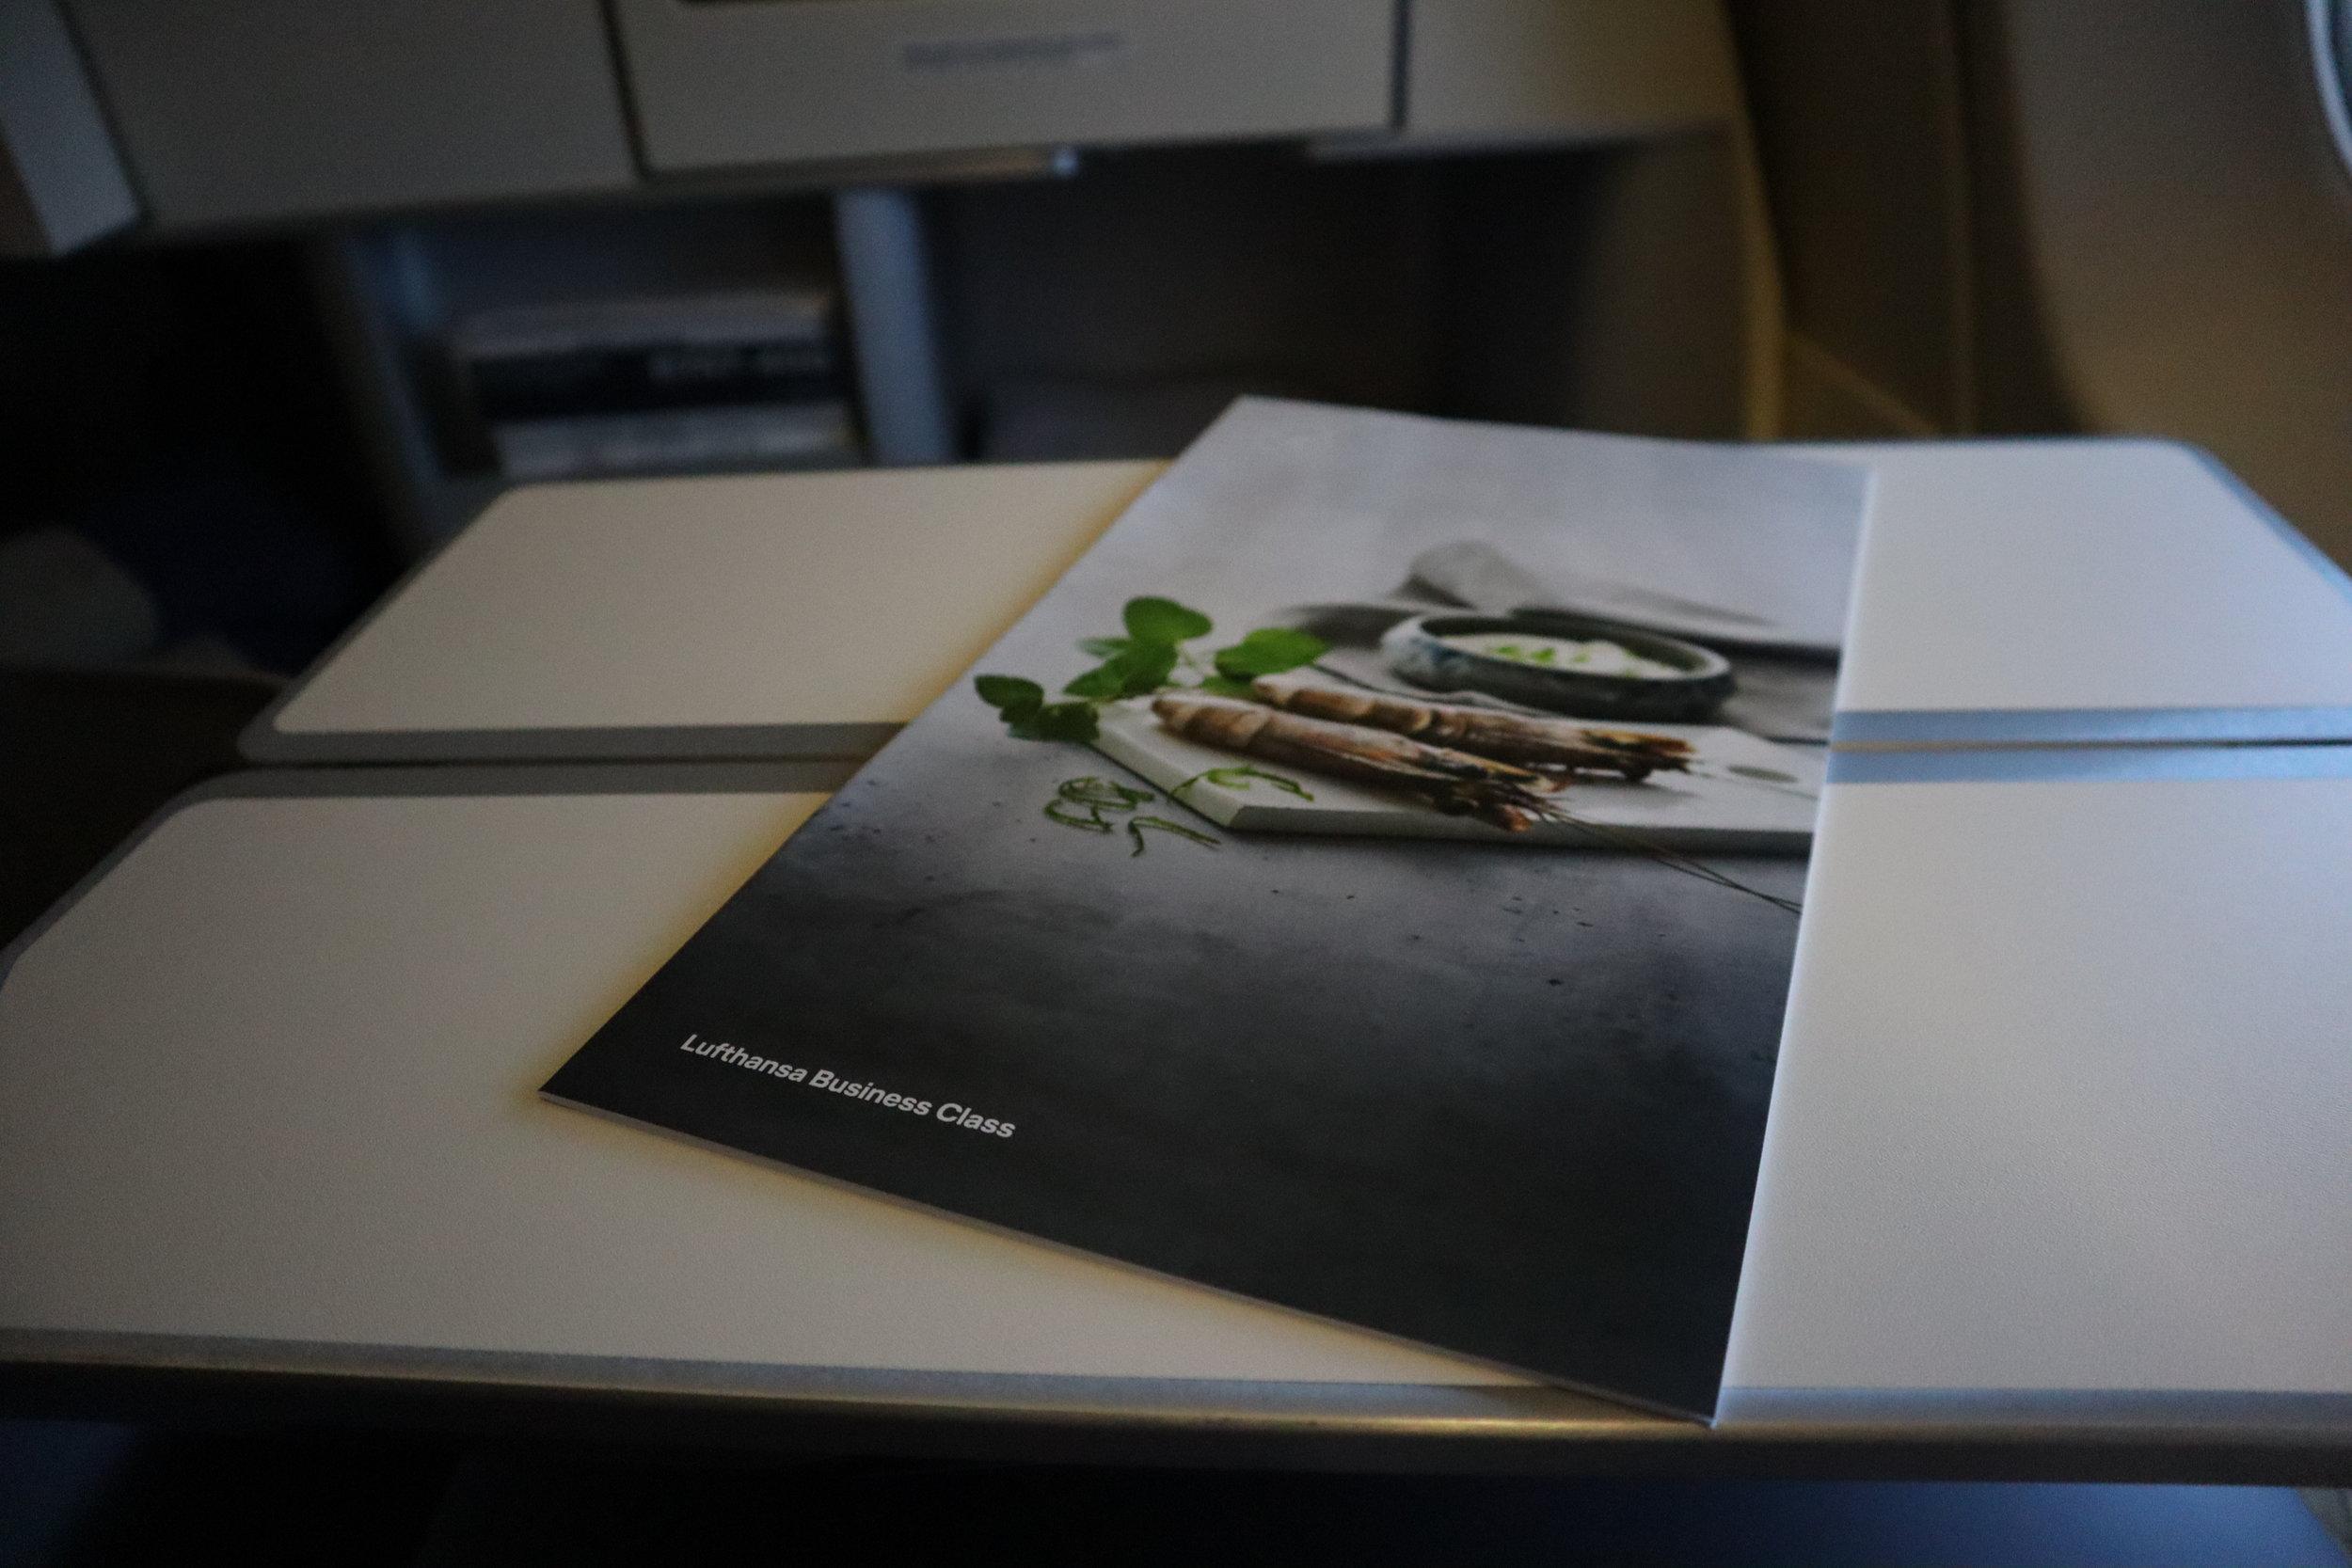 Lufthansa 747-400 business class – Menu